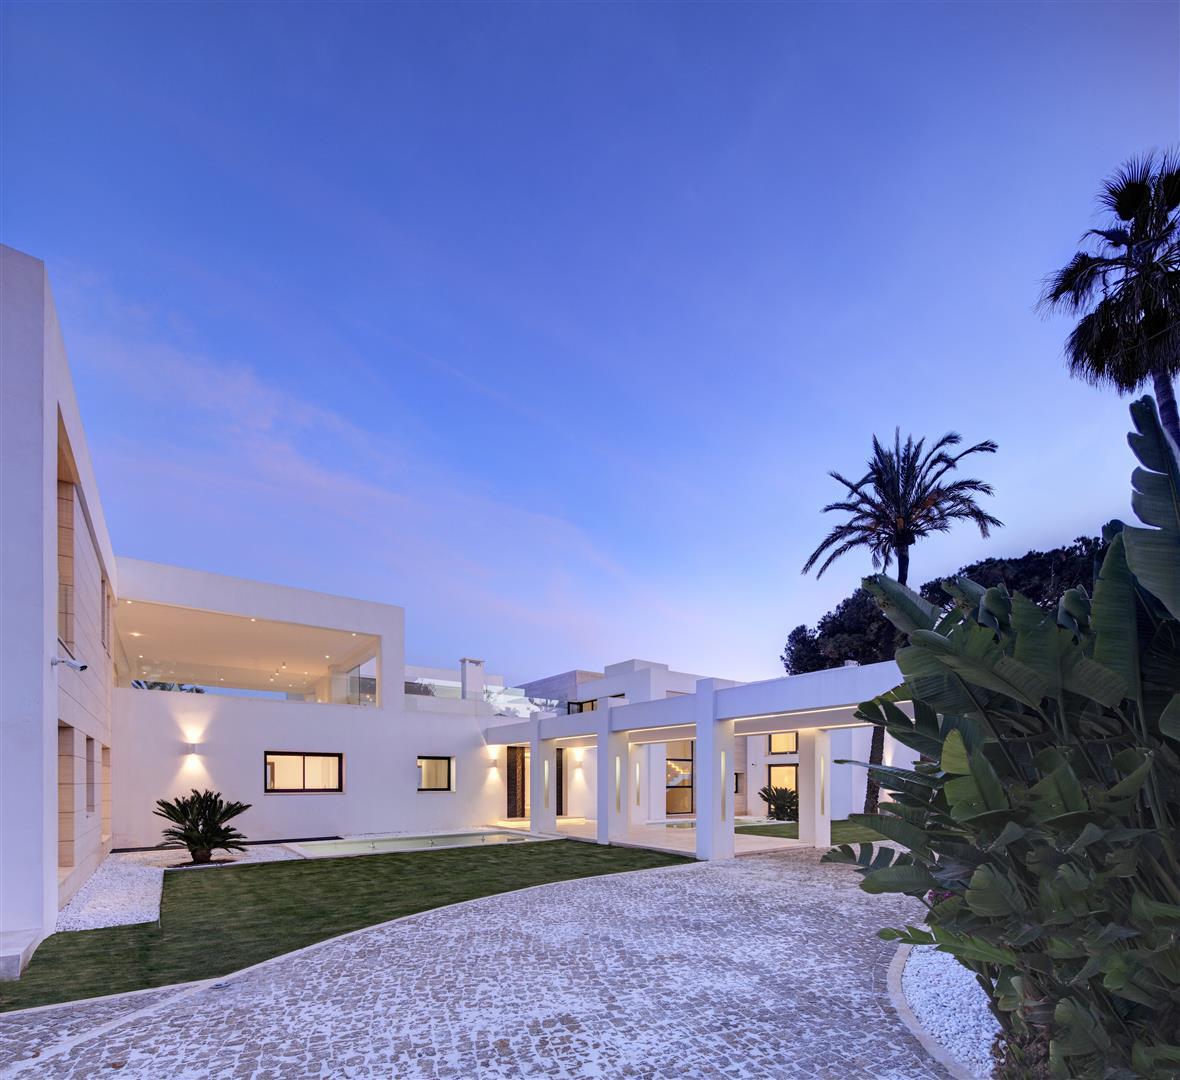 Frontline Beach Exclusive Villa for sale Estepona (10)